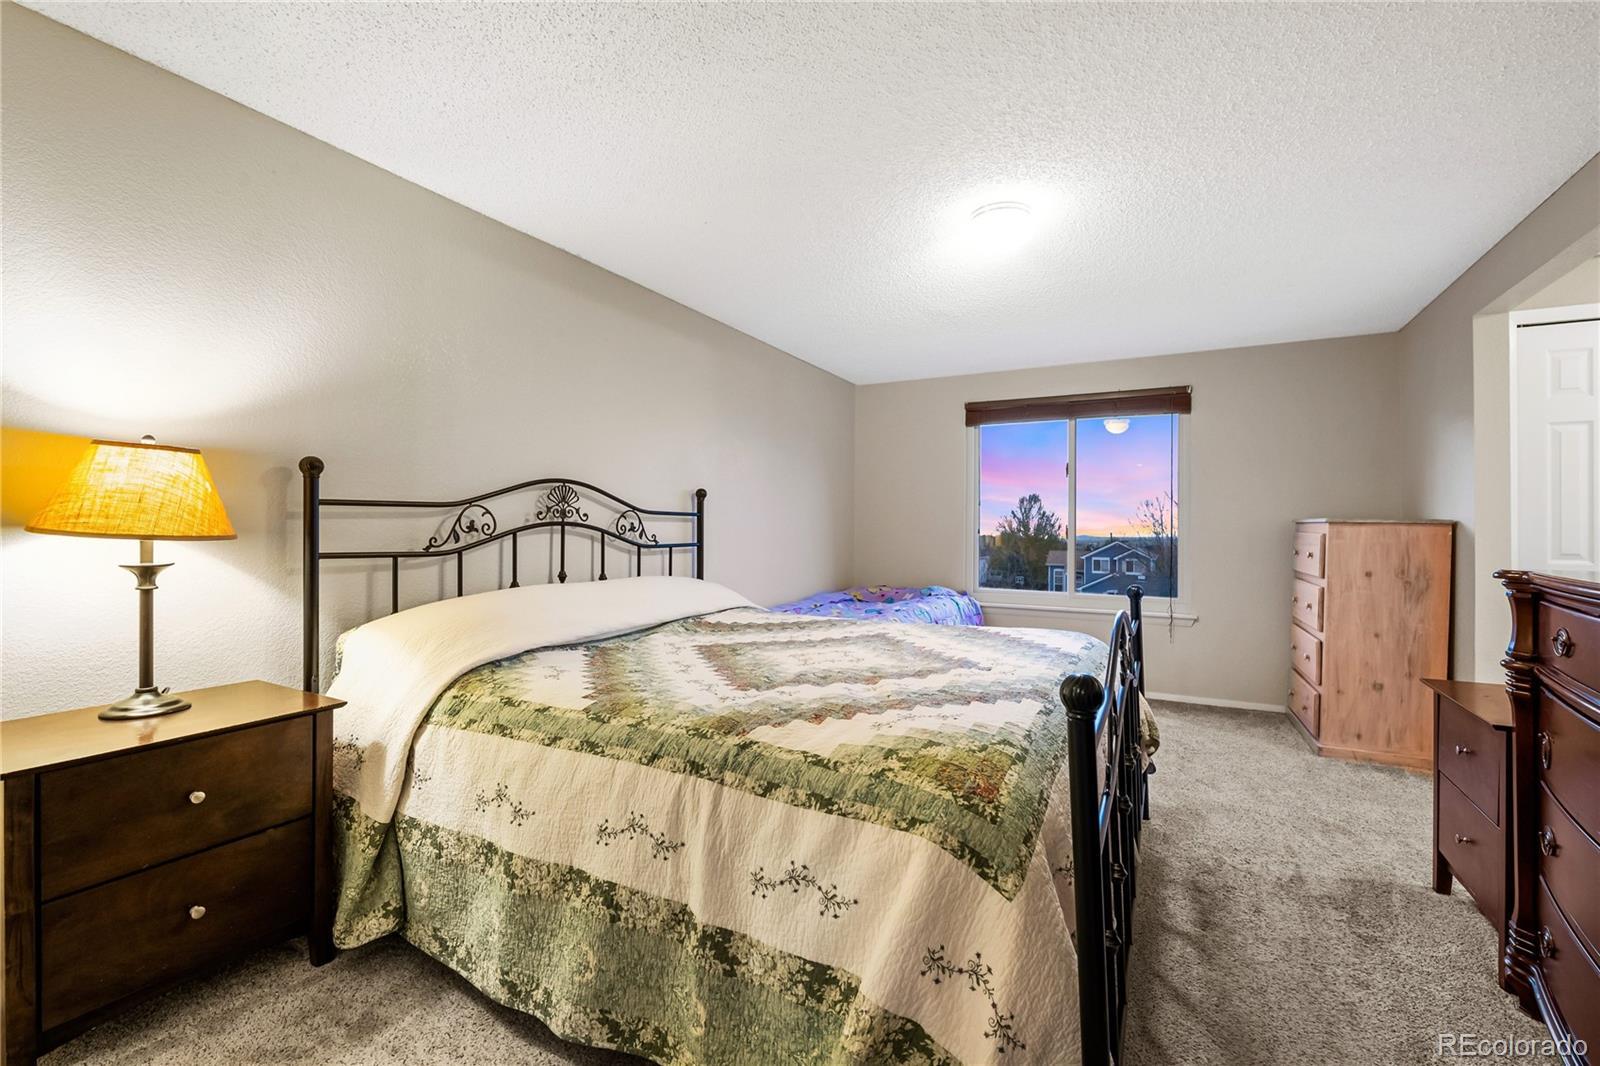 MLS# 2474668 - 11 - 22295 E Oberlin Place, Aurora, CO 80018